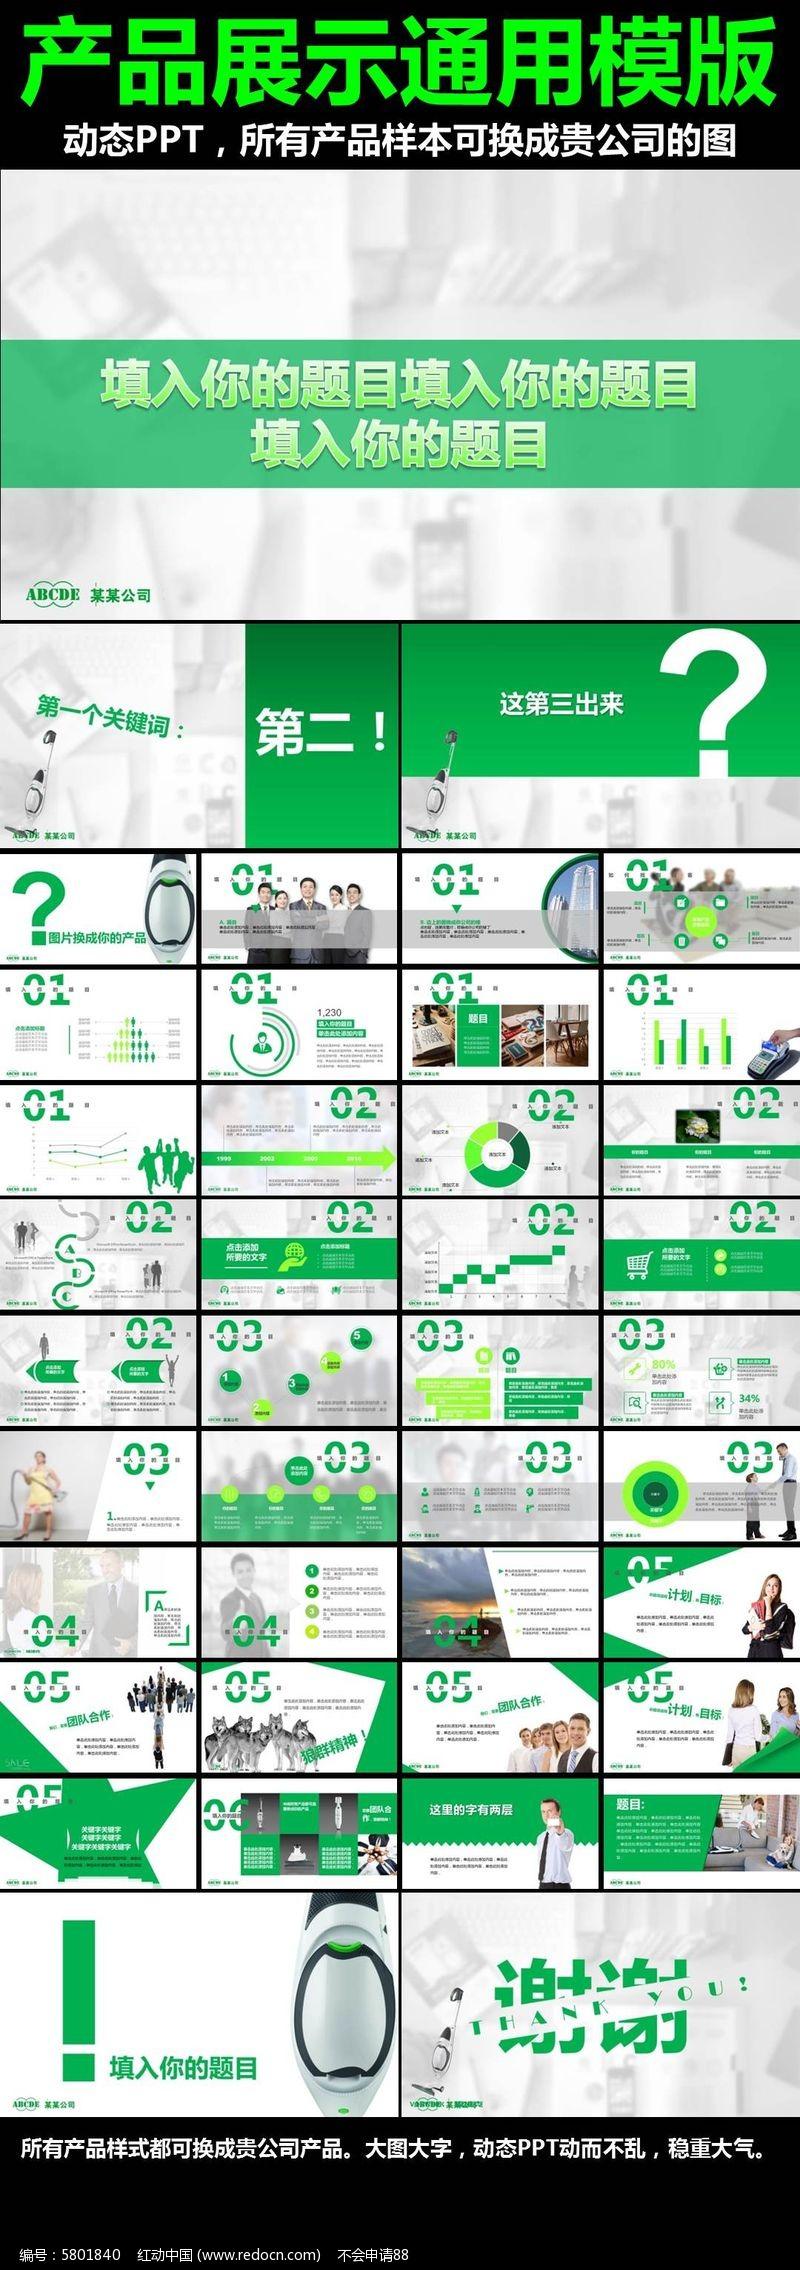 商务通用产品展示动态PPT图片